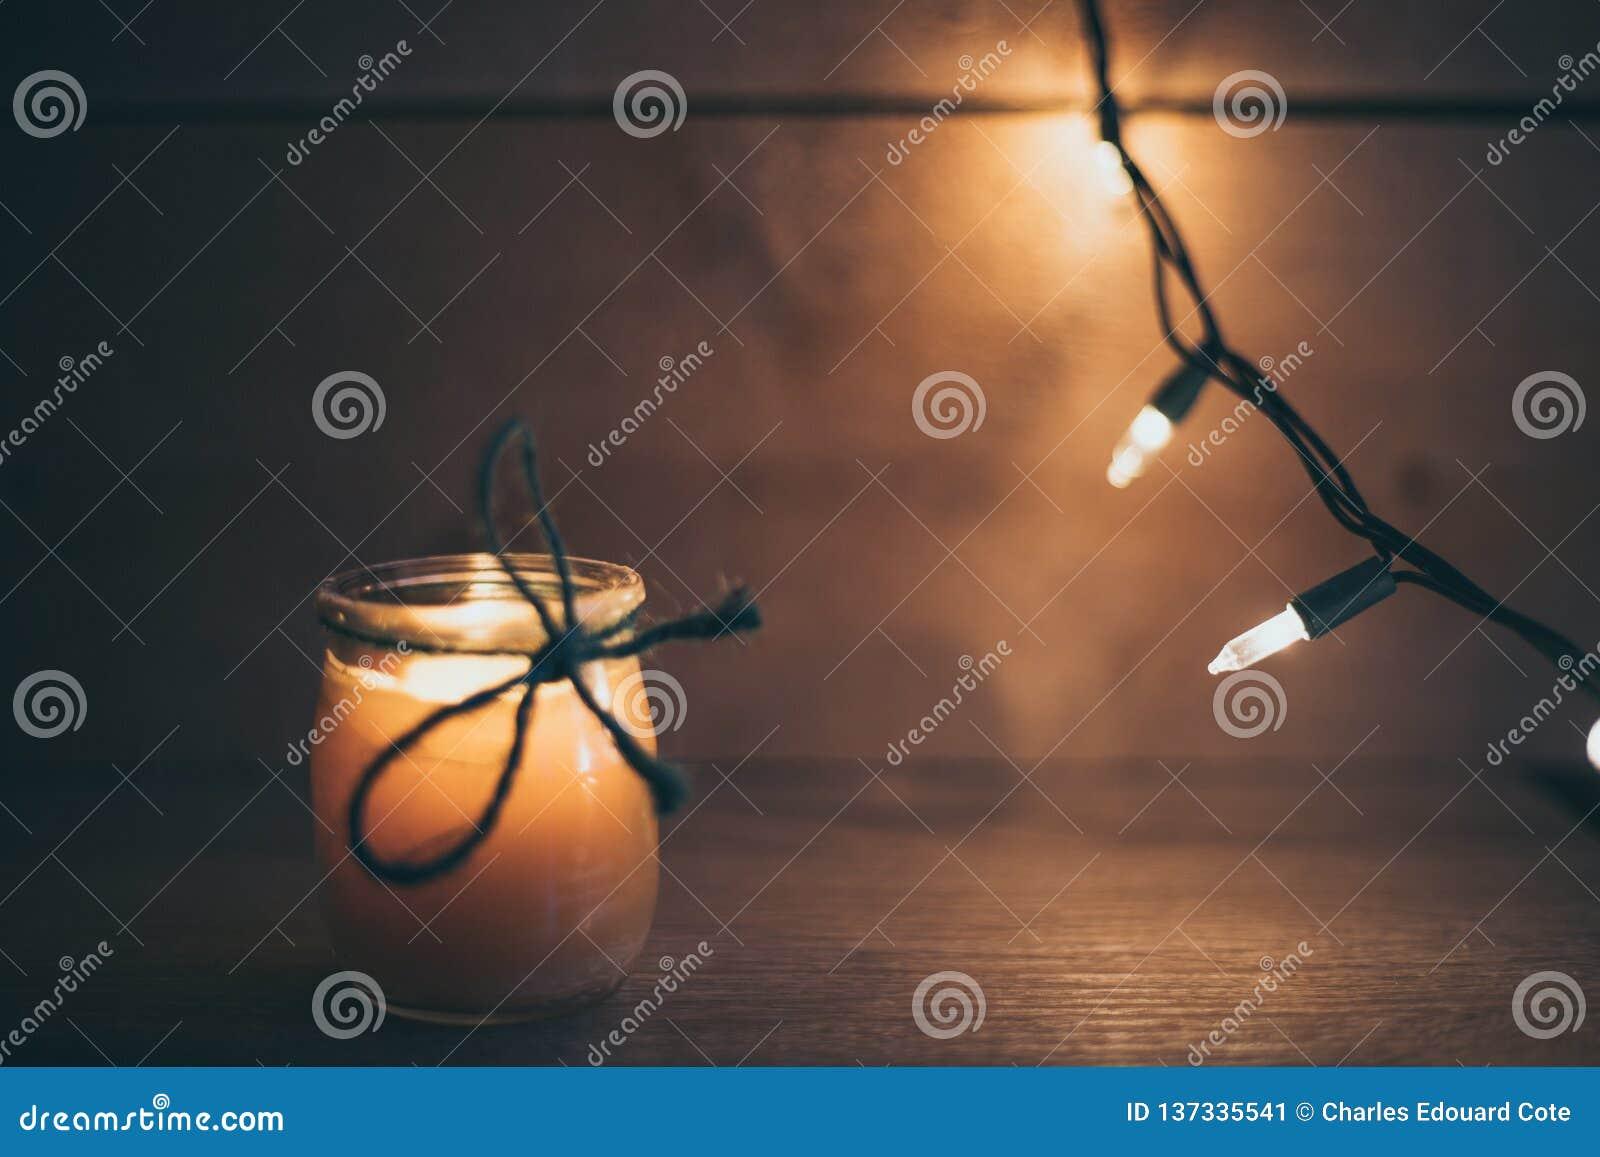 Luz anaranjada del fondo de madera con la vela